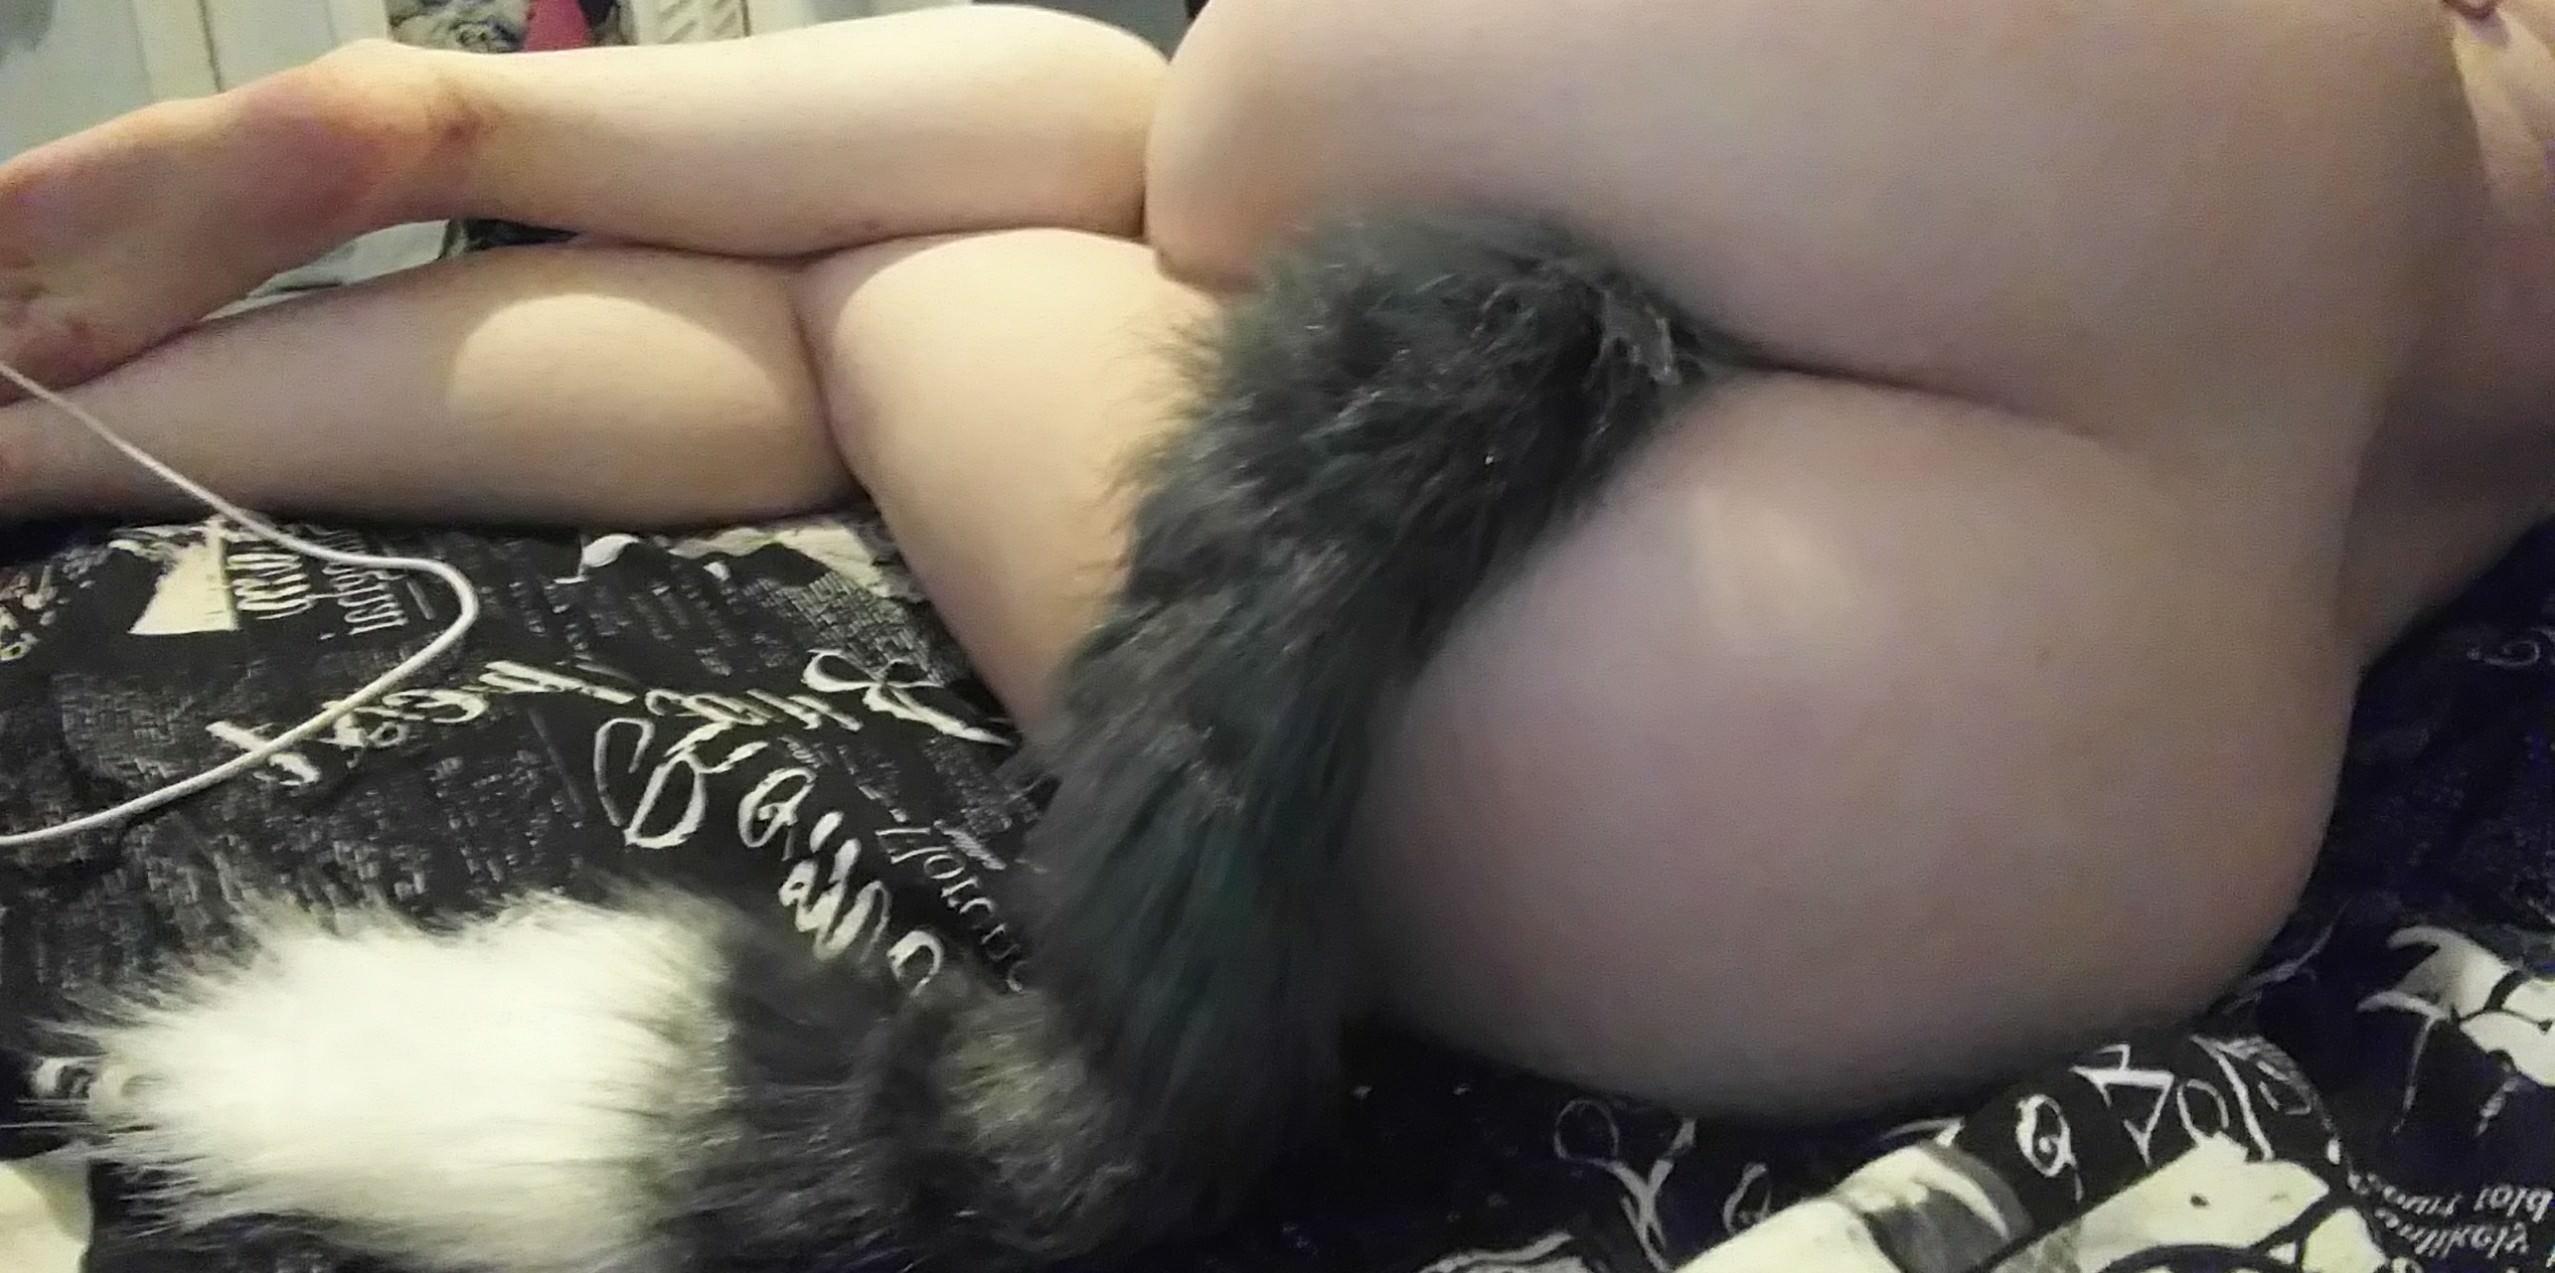 Semi thick girl porn